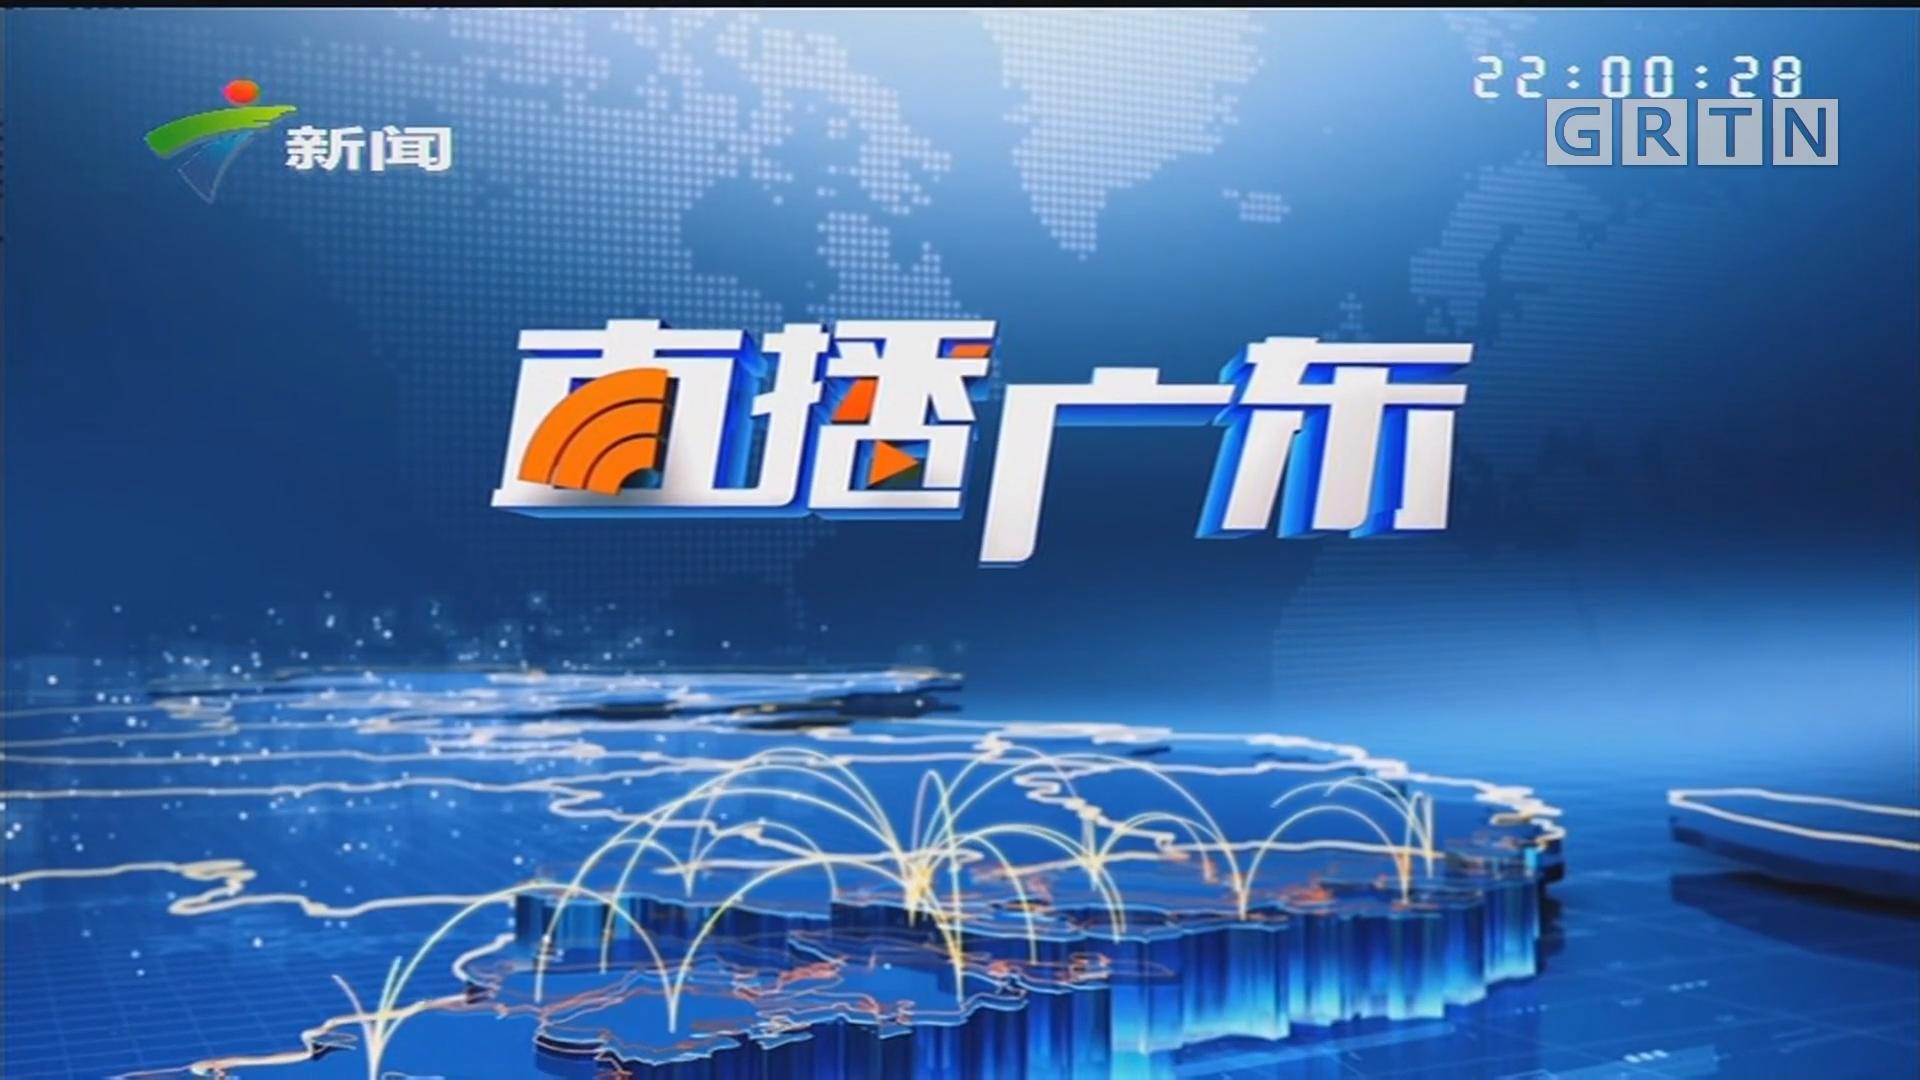 [HD][2019-07-10]直播广东:全国铁路实行新运行图 粤三城首开往返香港高铁